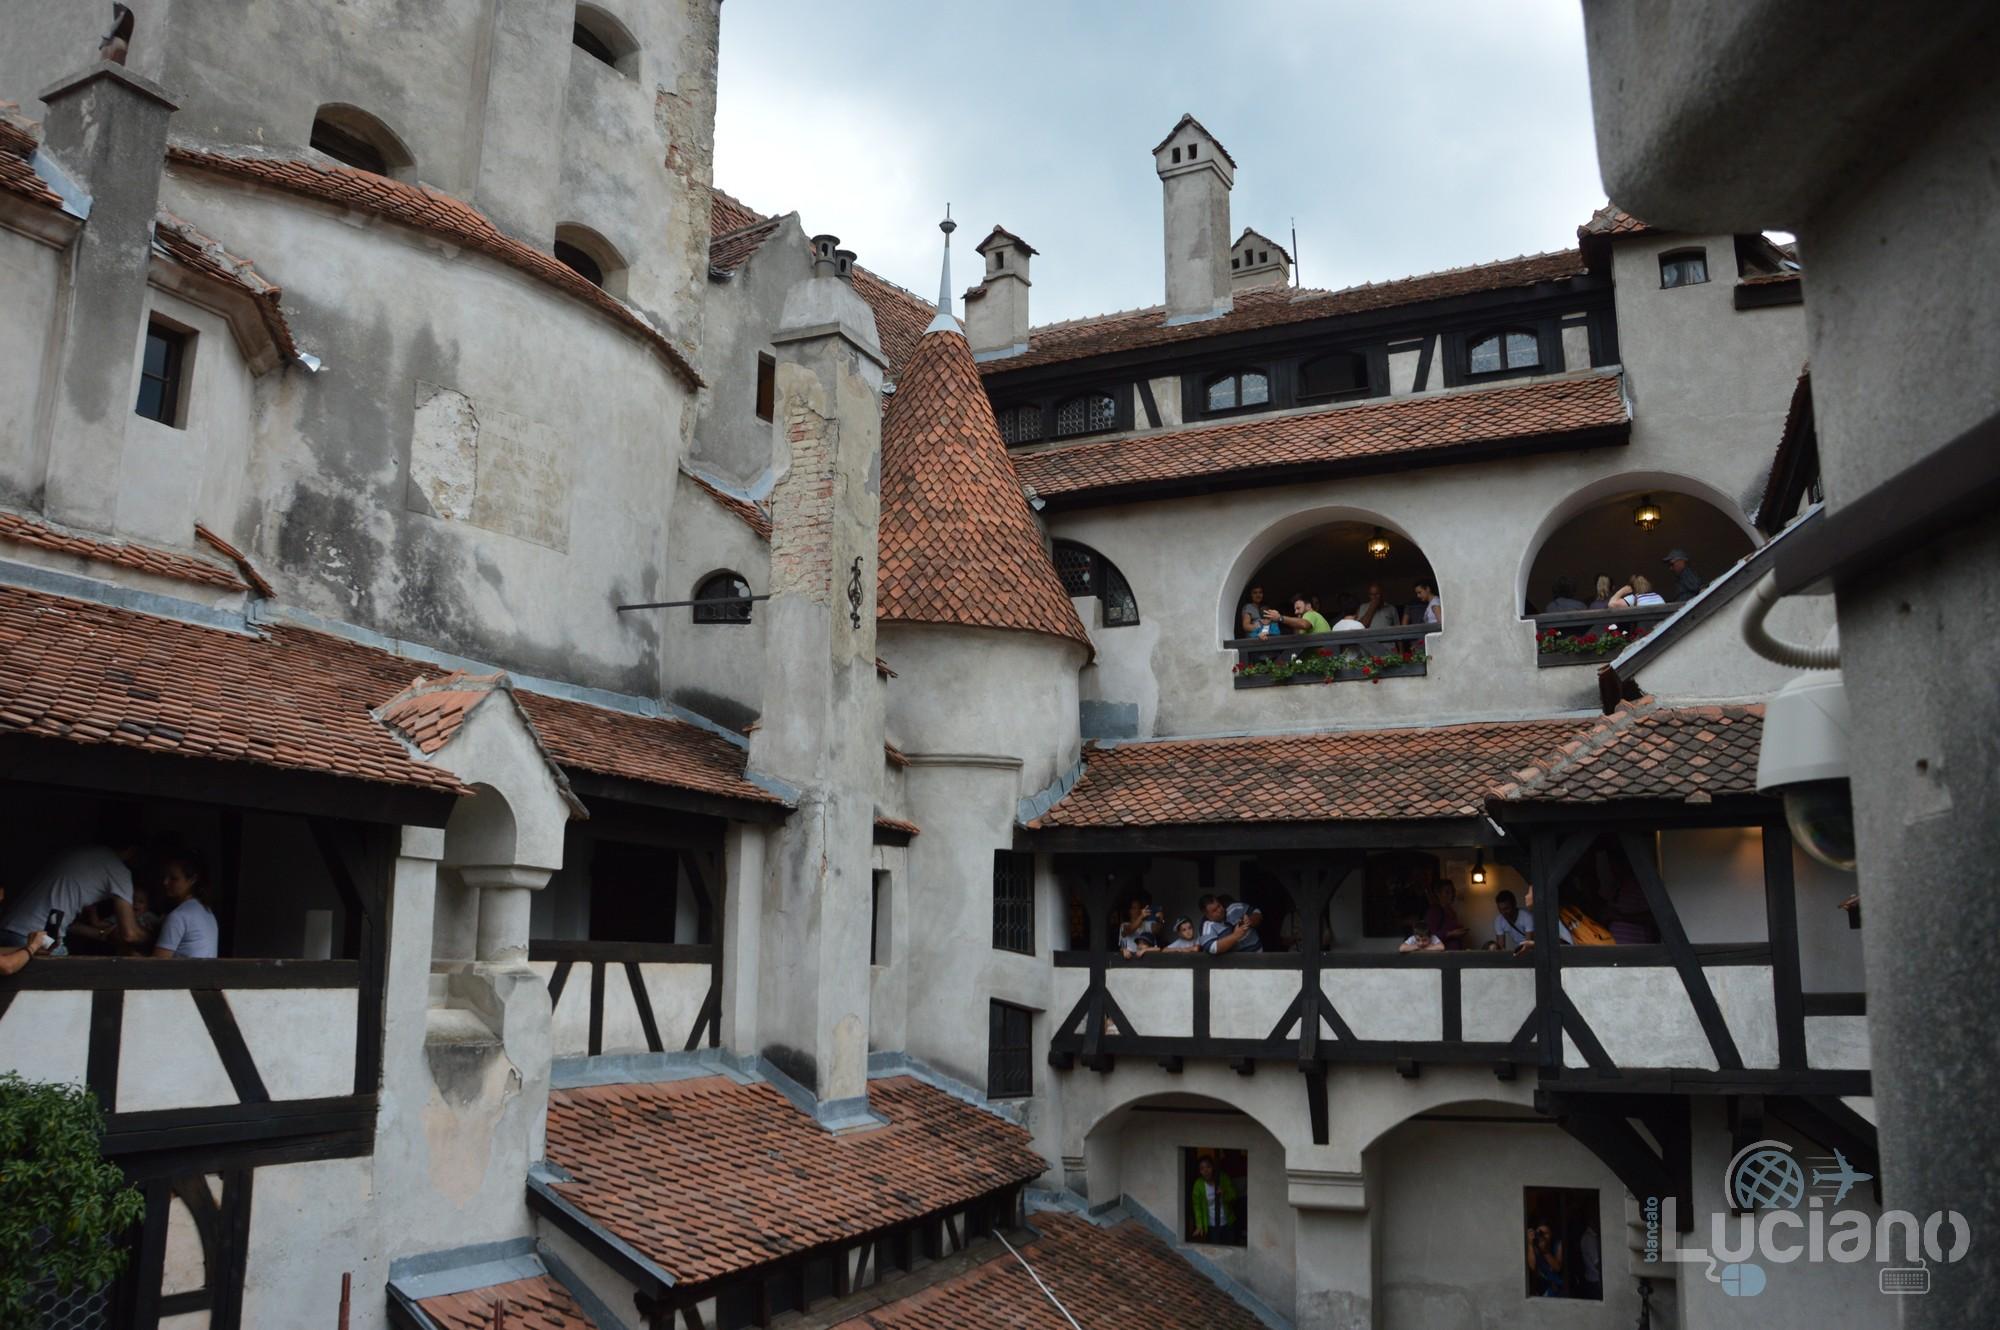 castello-di-dracula-castello-di-bran-luciano-blancato (117)